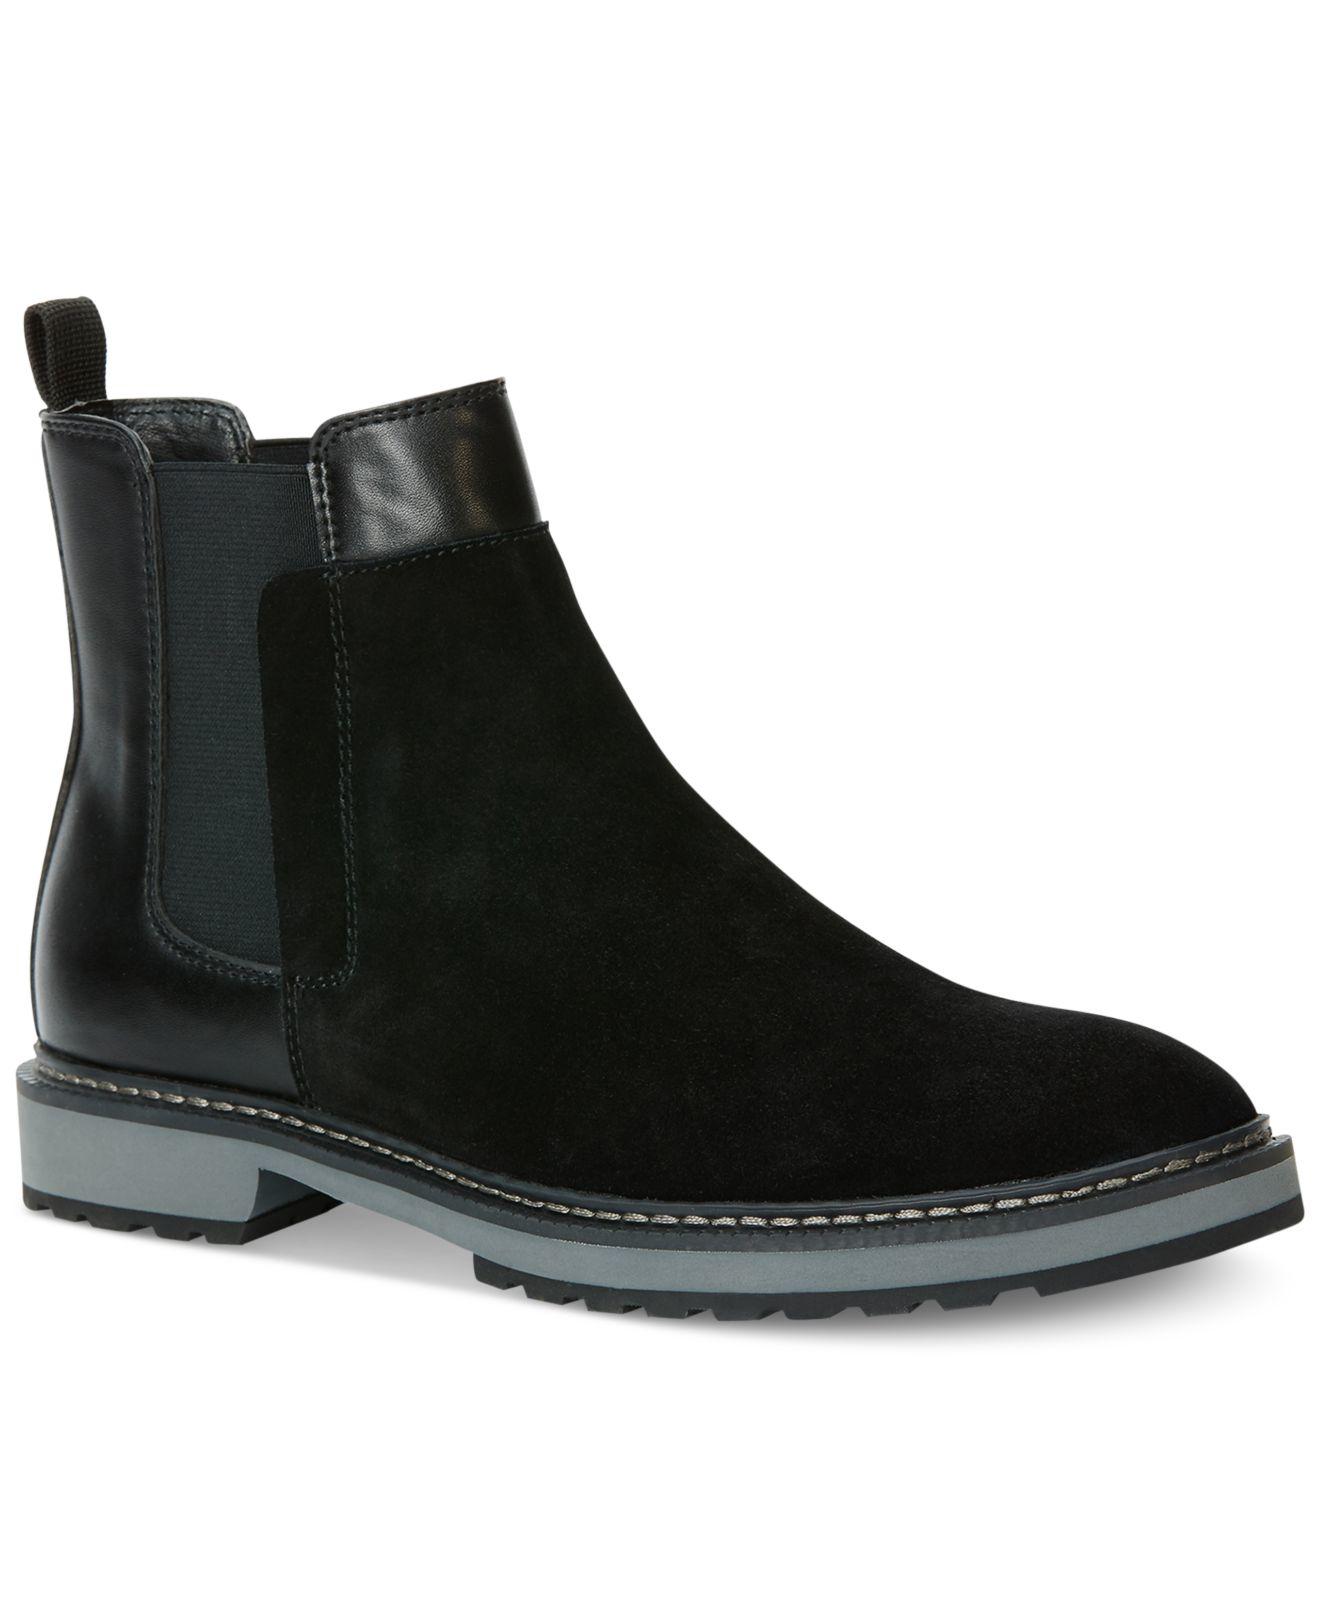 grand assortiment fournisseur officiel prix favorable Calvin Klein Black Avis Boots for men